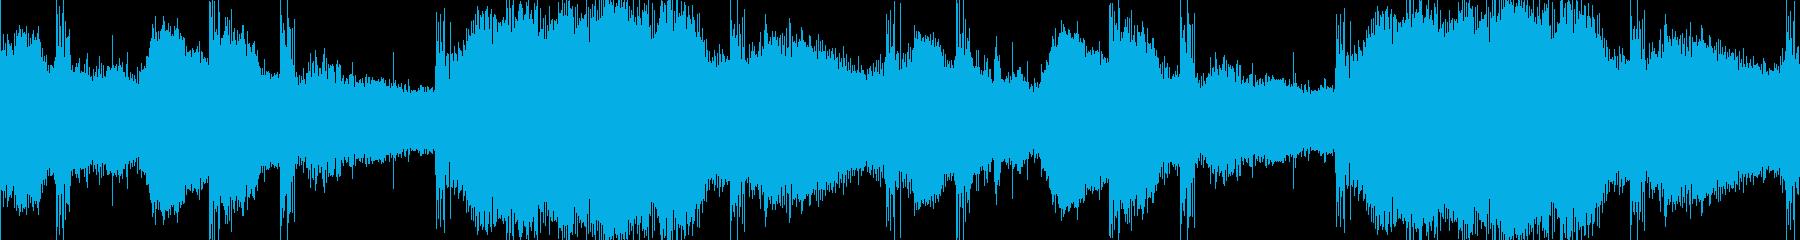 どこか怖い、謎めいたサスペンスサウンドの再生済みの波形